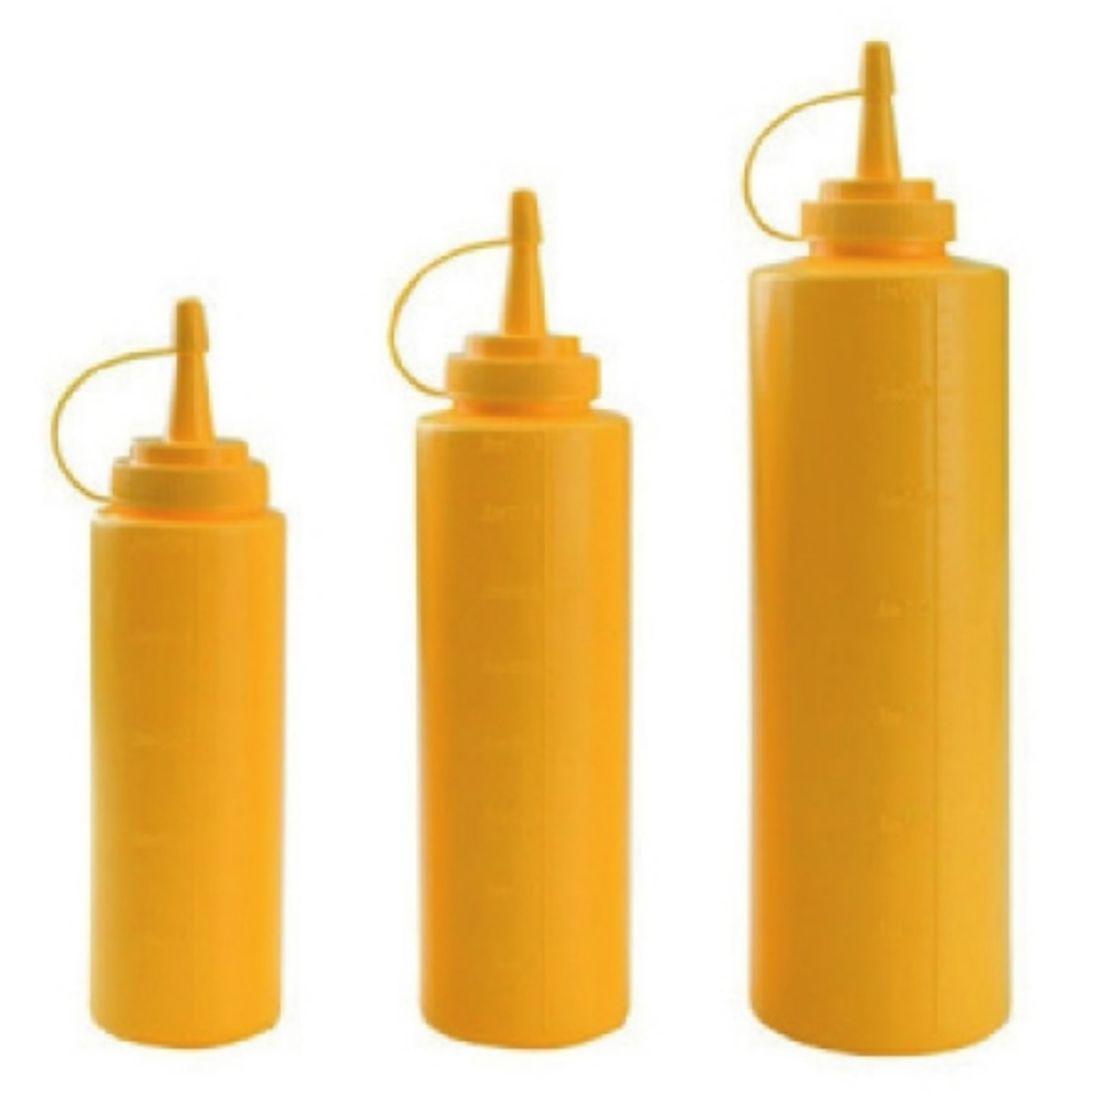 Dávkovač na omáčky žlutý 400 ml